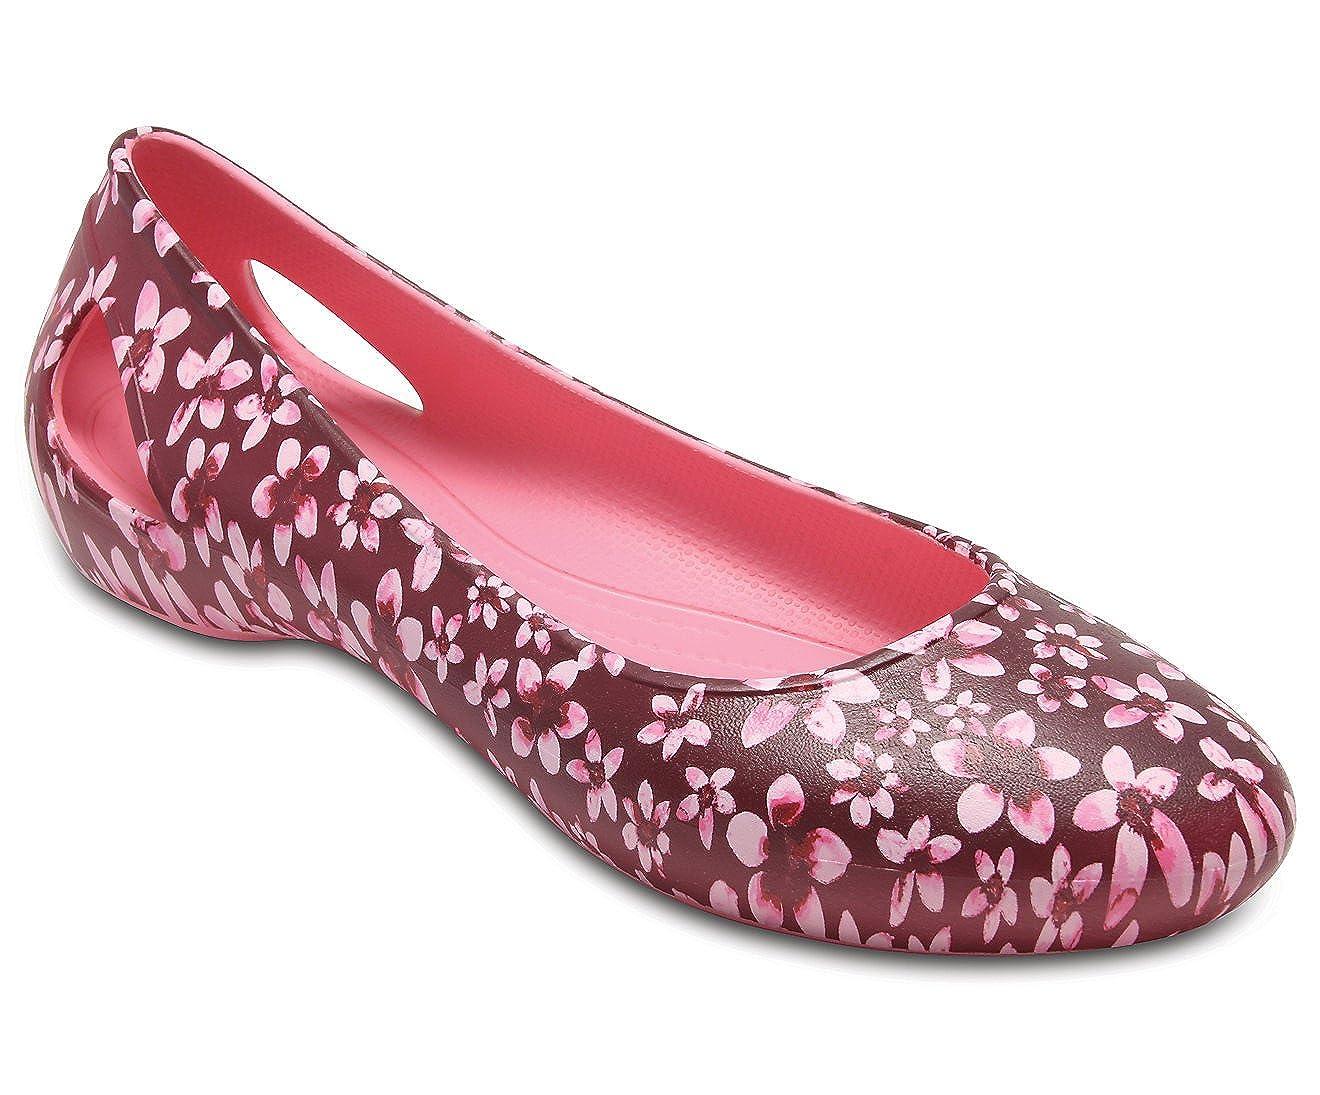 crocs Women's Croslite Rubber Ballet Flats